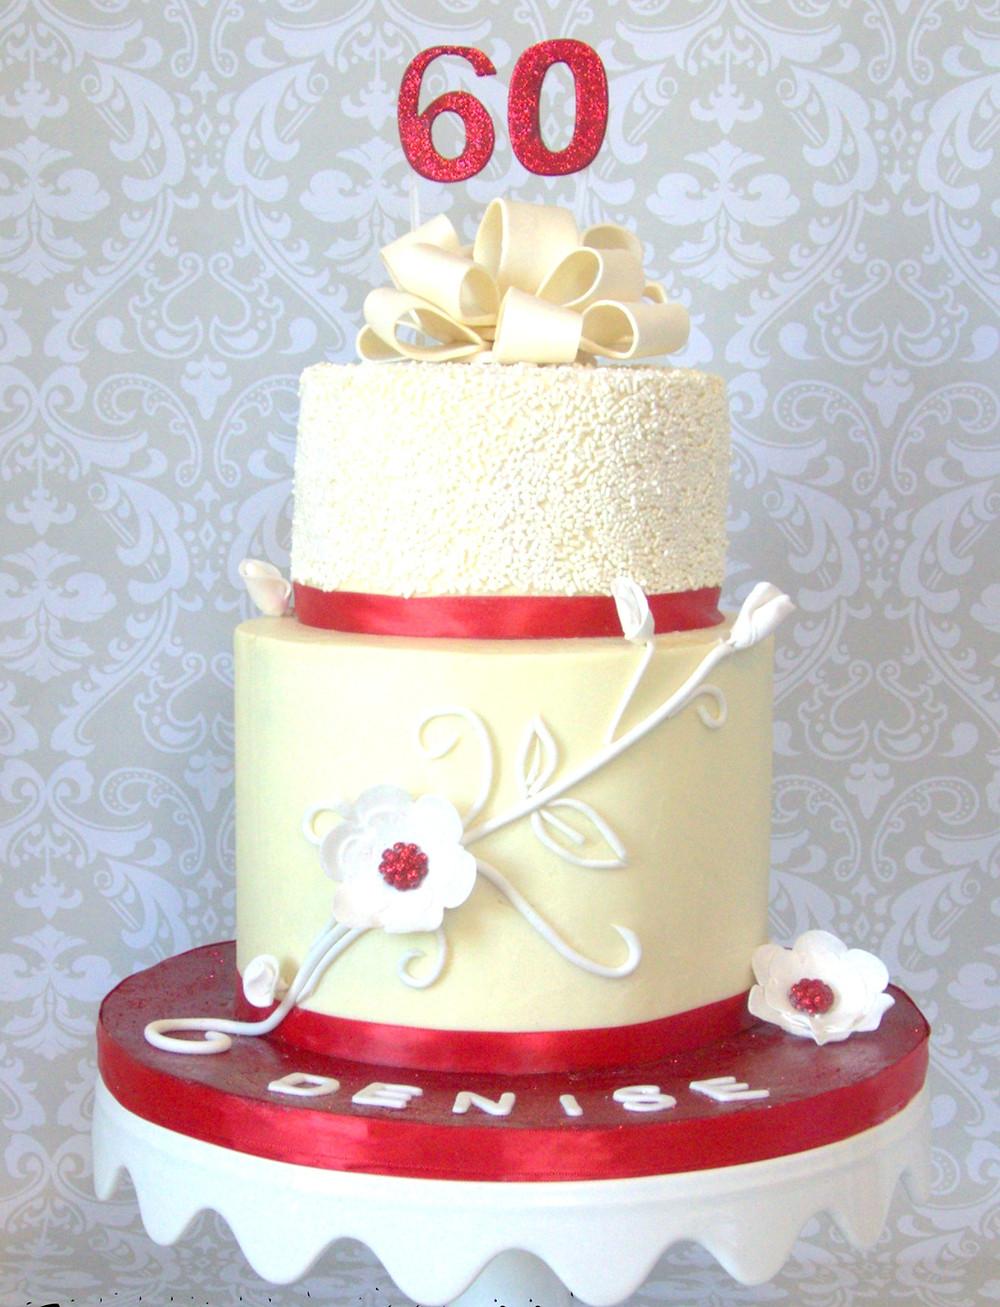 2 tier white chocolate ganache cake